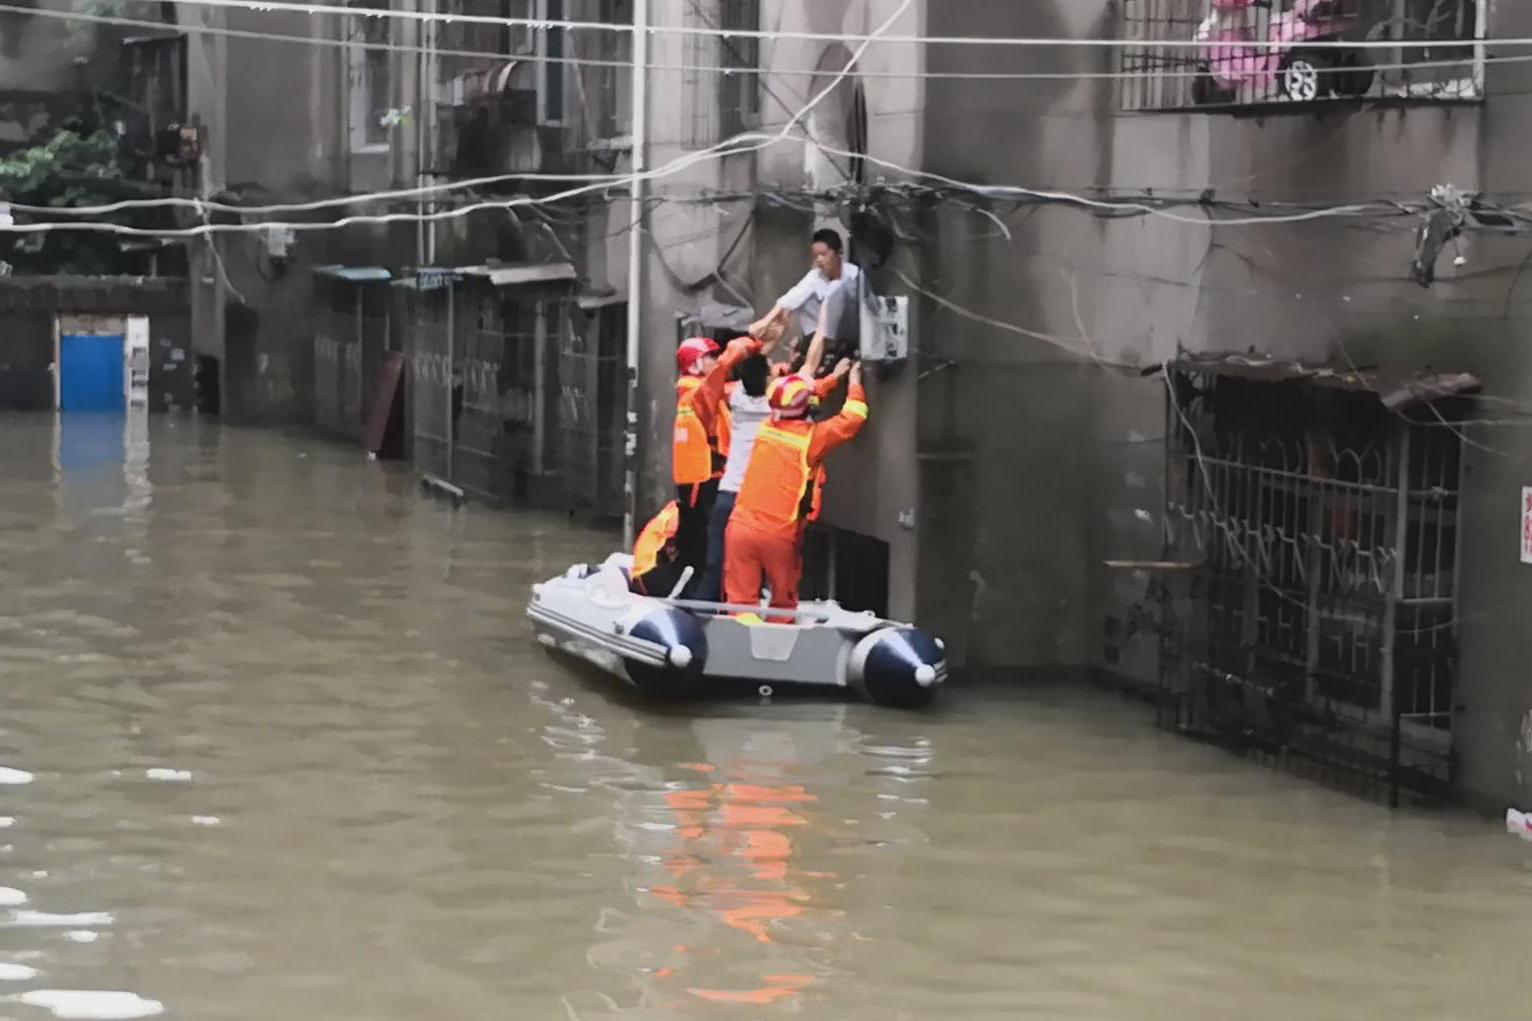 岳陽受持續強降雨影響,部分城區發生城市內澇。 網上圖片